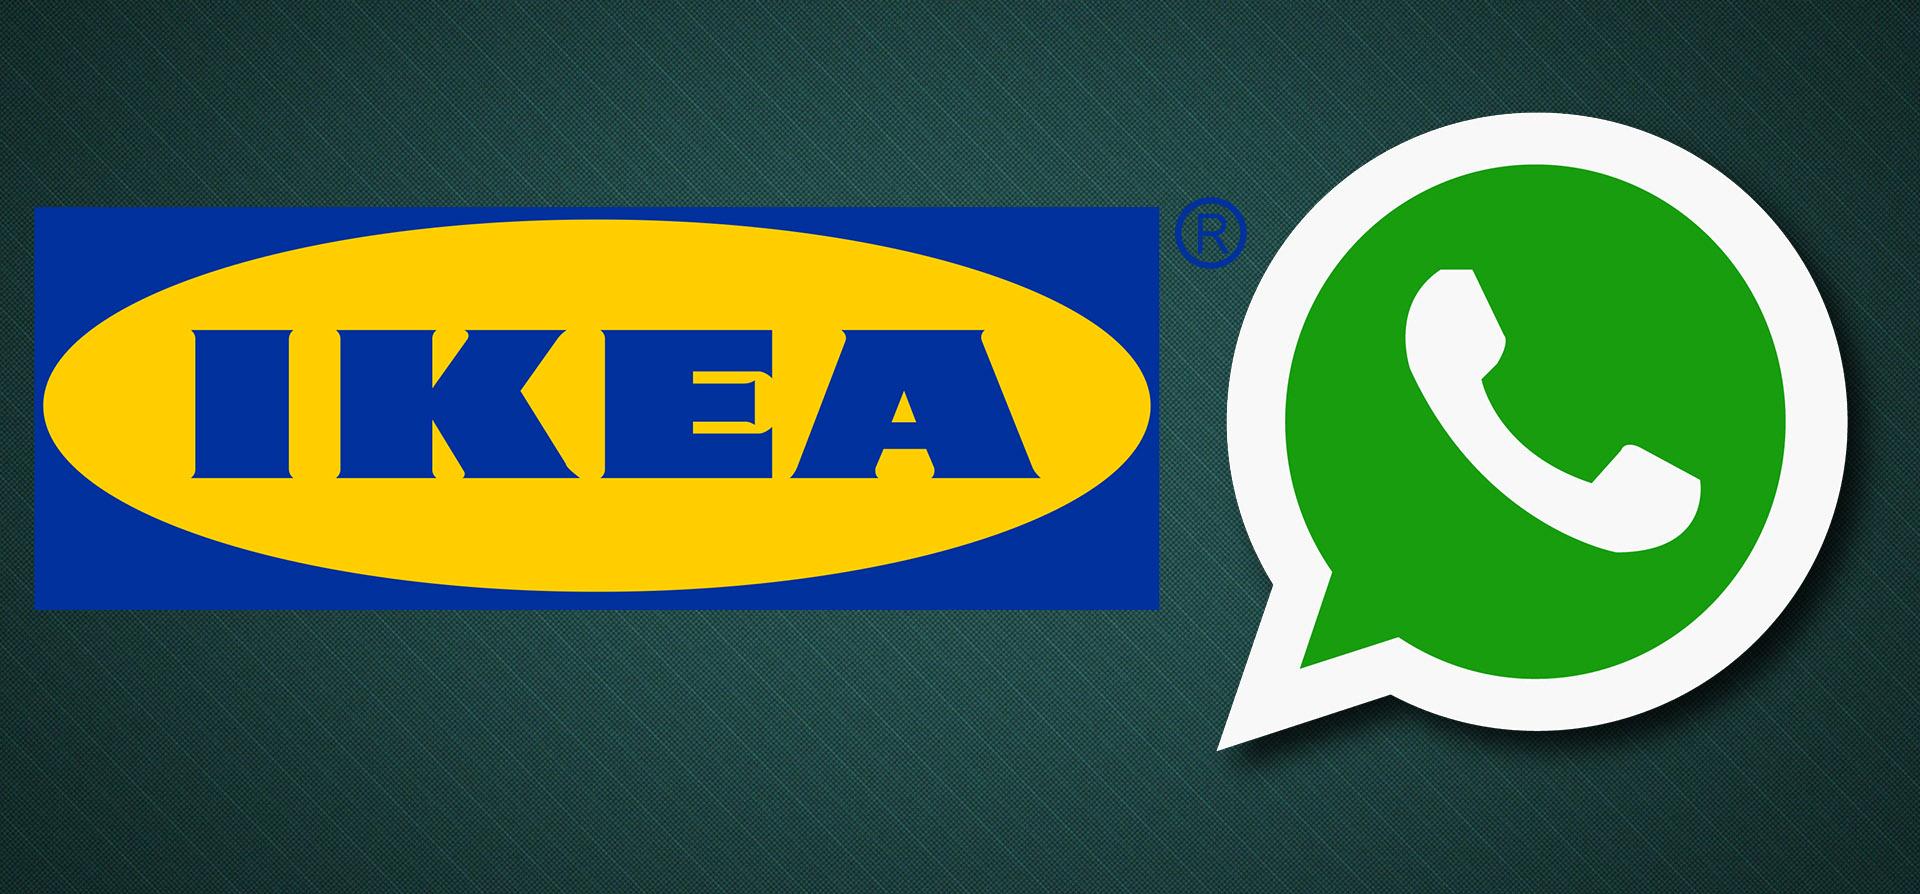 WhatsApp: attenzione alla truffa dei buoni Ikea, come riconoscerla thumbnail